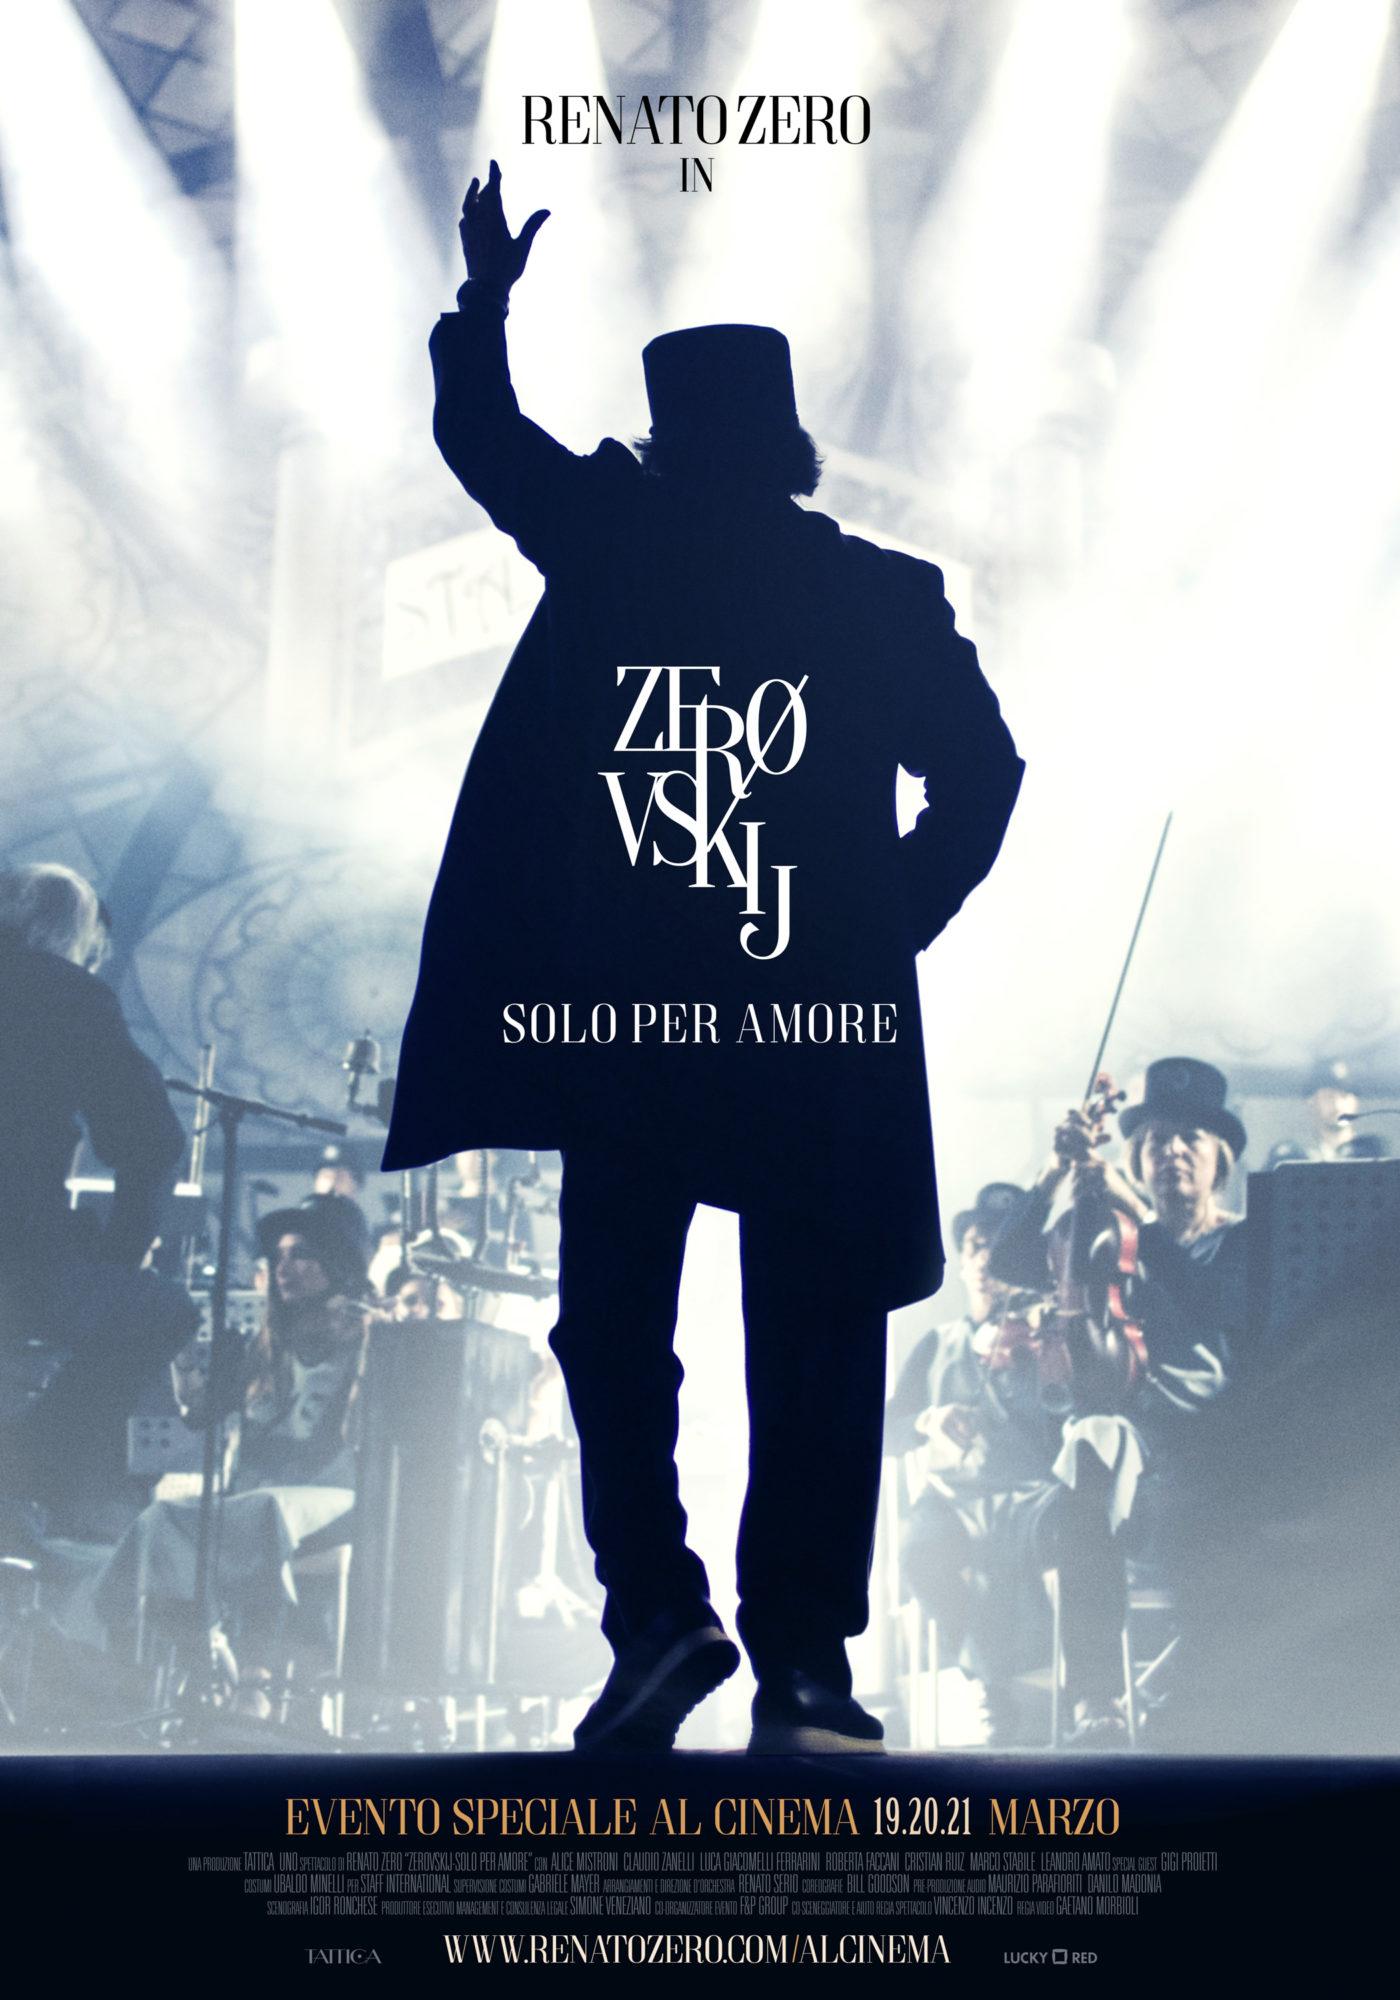 Trailer e poster di Zerovskij - Solo per Amore, lo spettacolo di Renato Zero